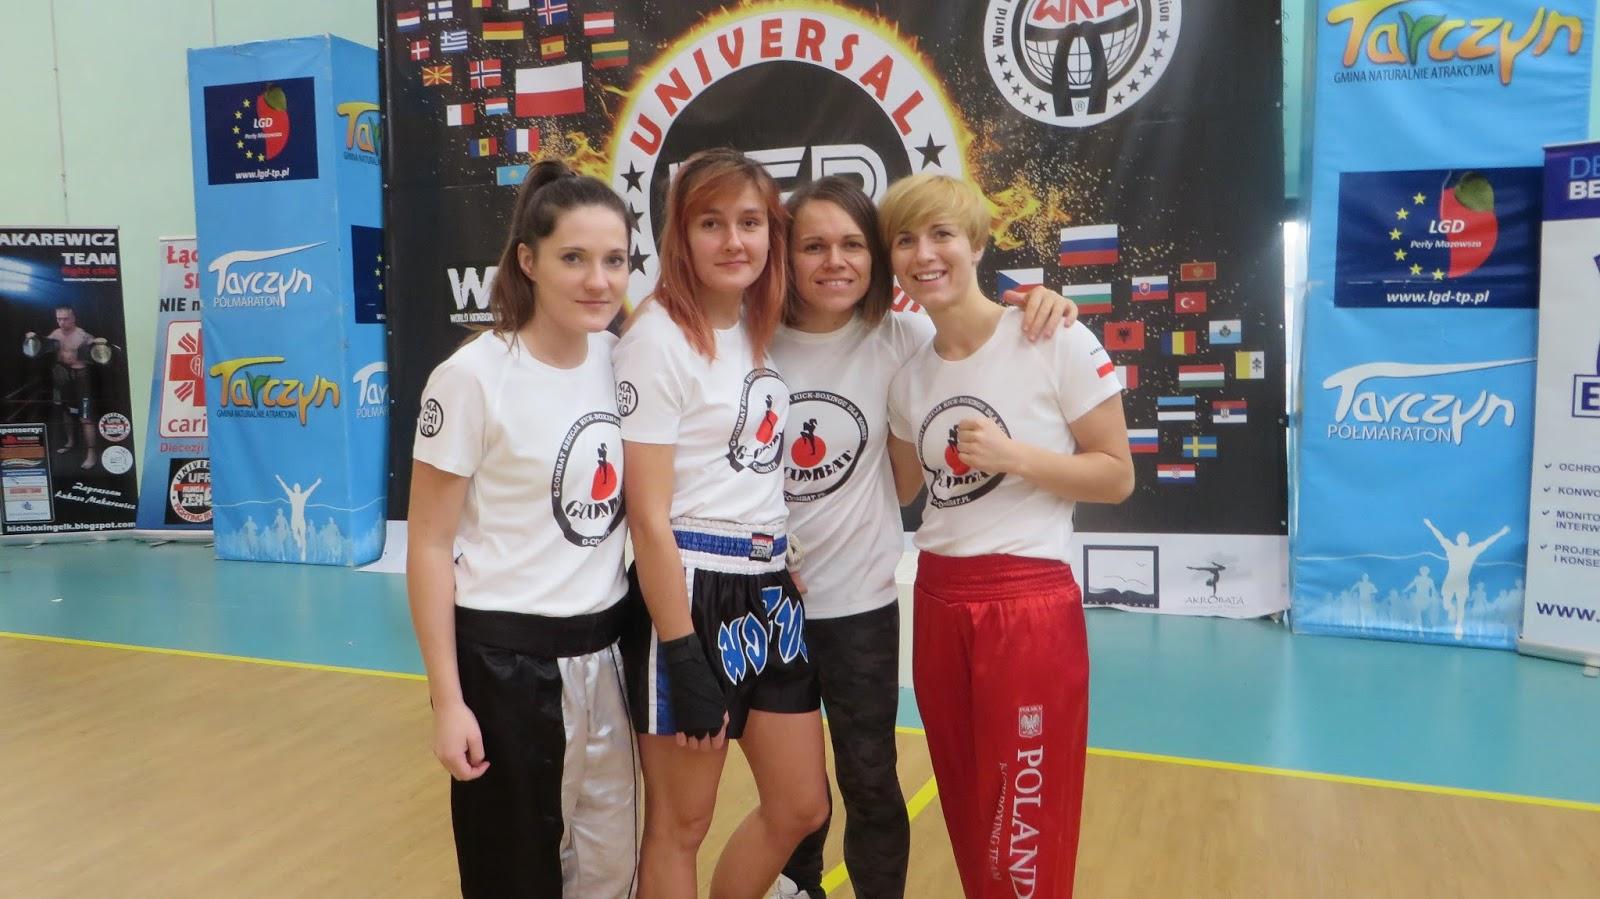 Sekcja kickboxingu dla kobiet Warszawa na turnieju Mazovia Cup